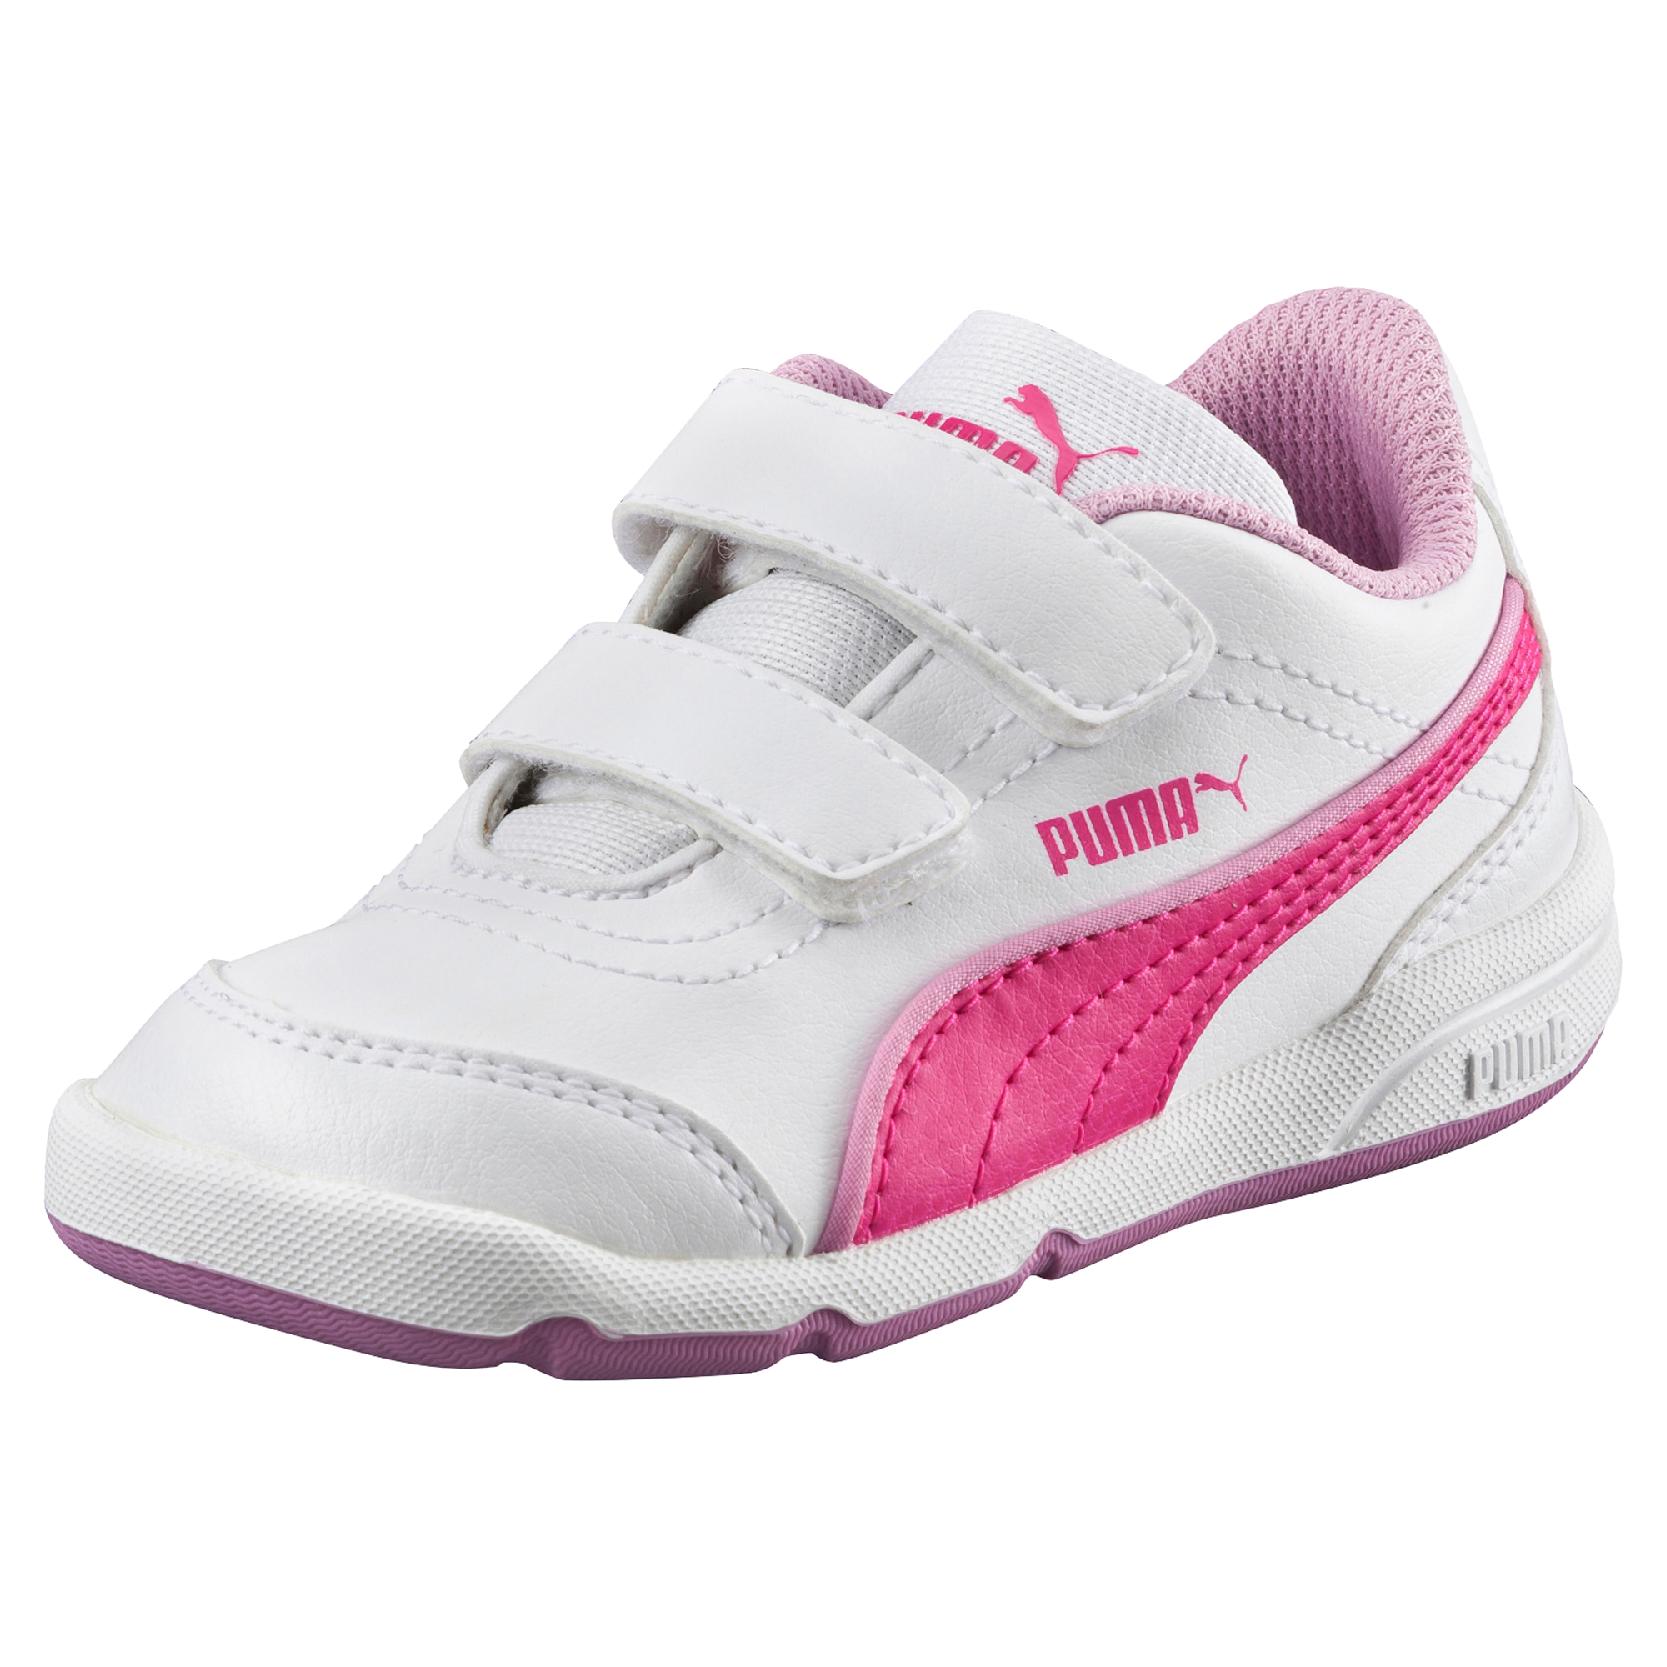 5ae9416c10394 Puma Dievčenské tenisky Stepfleex FS SL V Inf White-Pink Gl, EUR 28 ...